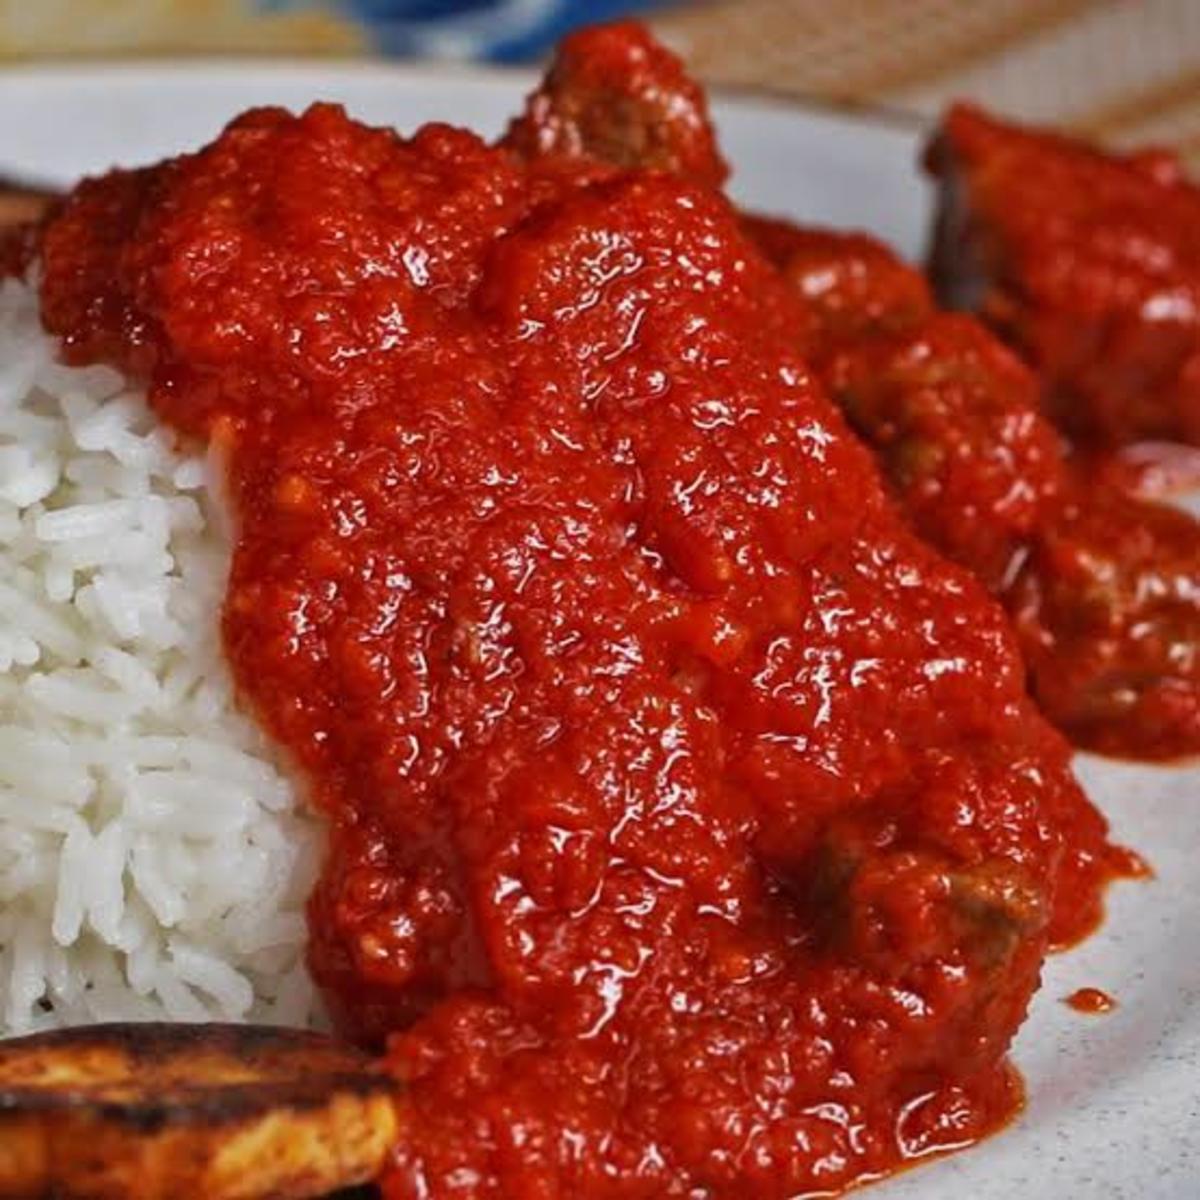 200 Naira stew with white rice